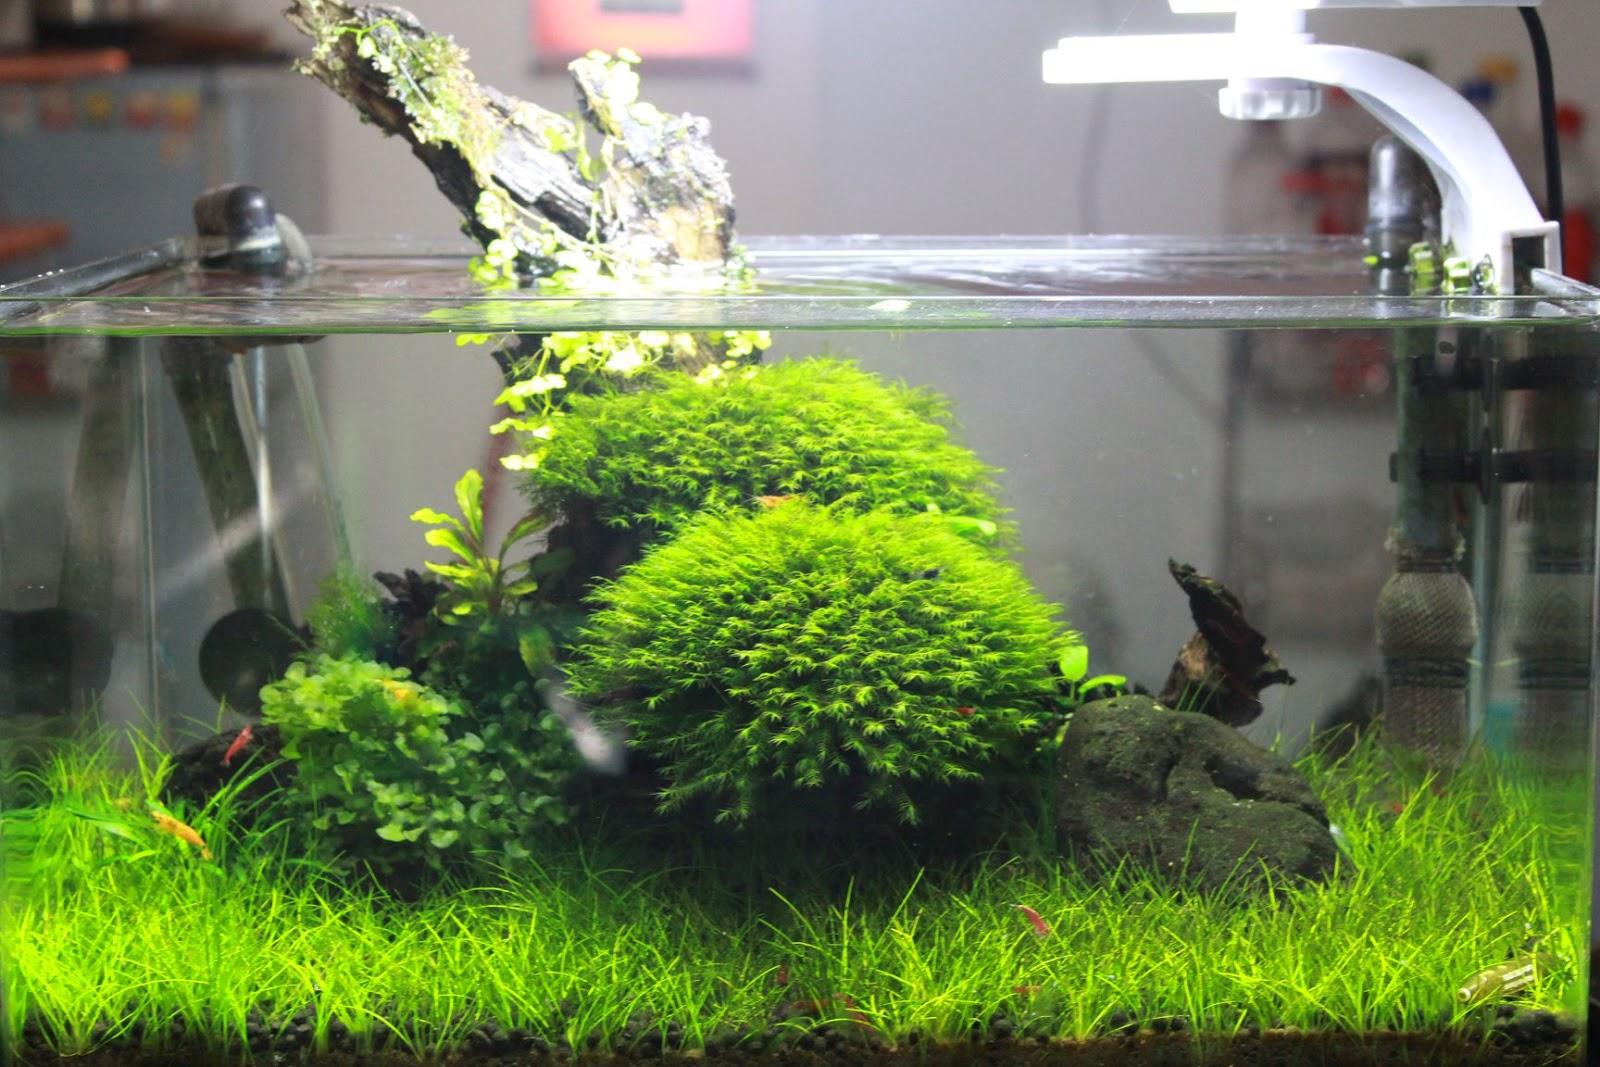 Rêu us-fiss trong hồ thủy sinh của bạn Tùng Hoàng Nguyễn